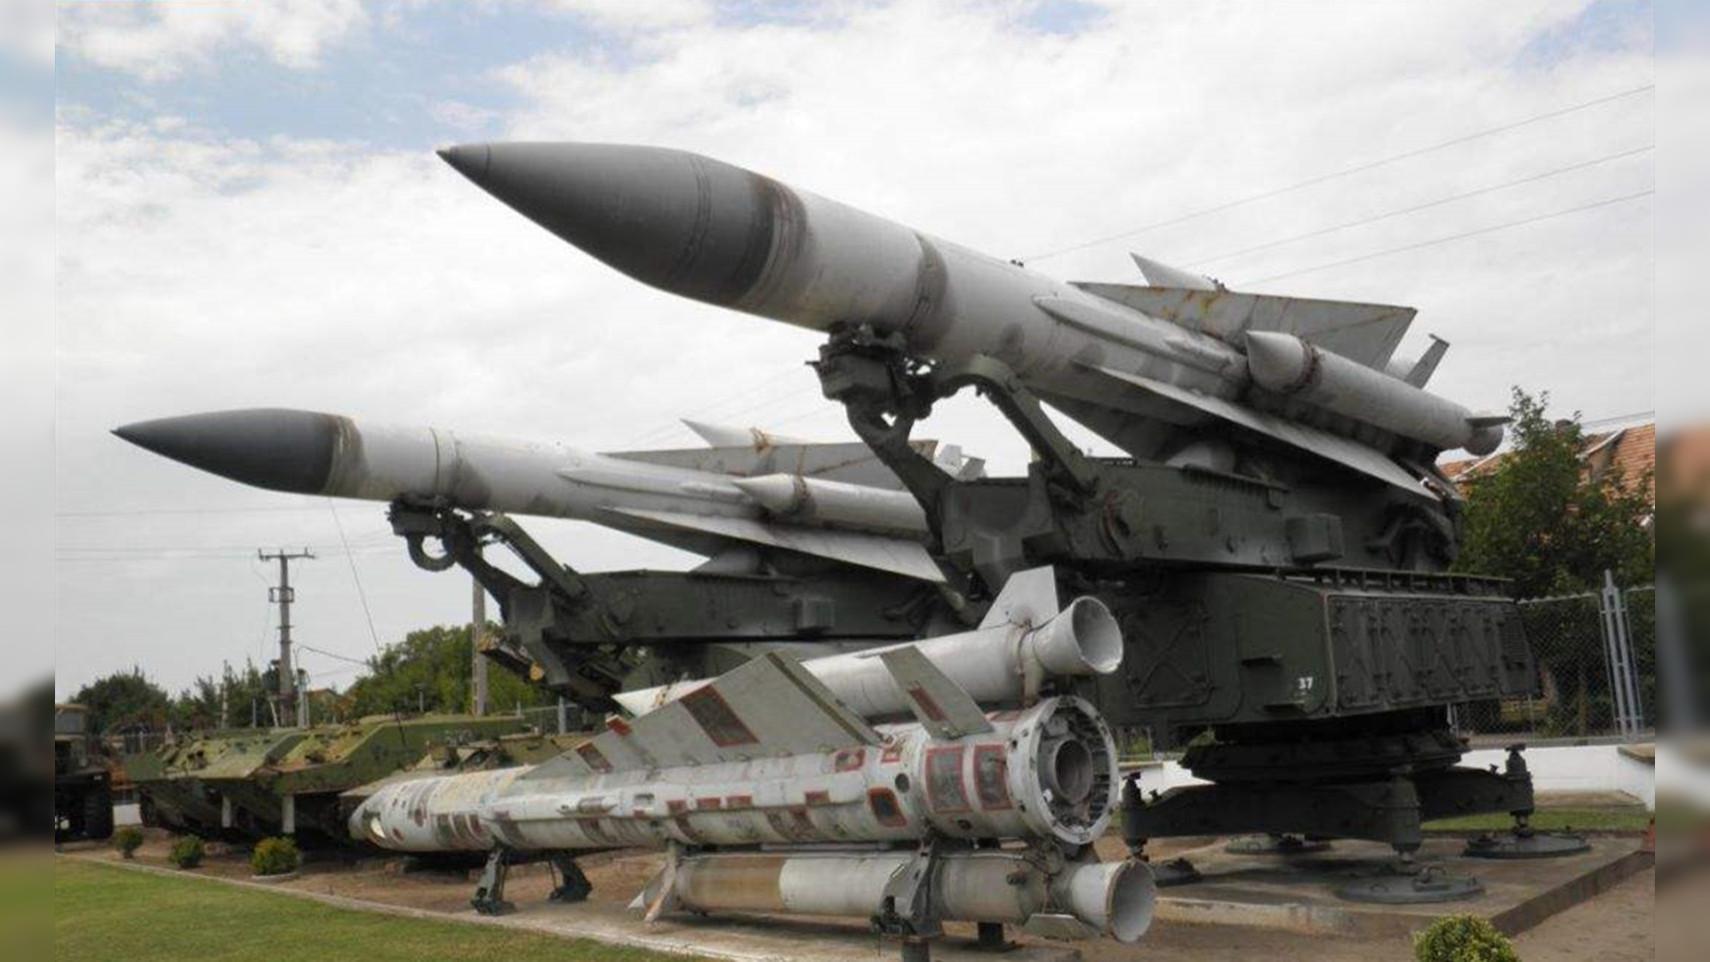 不老实就收拾你!美国刚试射导弹就被俄回怼 普京:小心你家后院